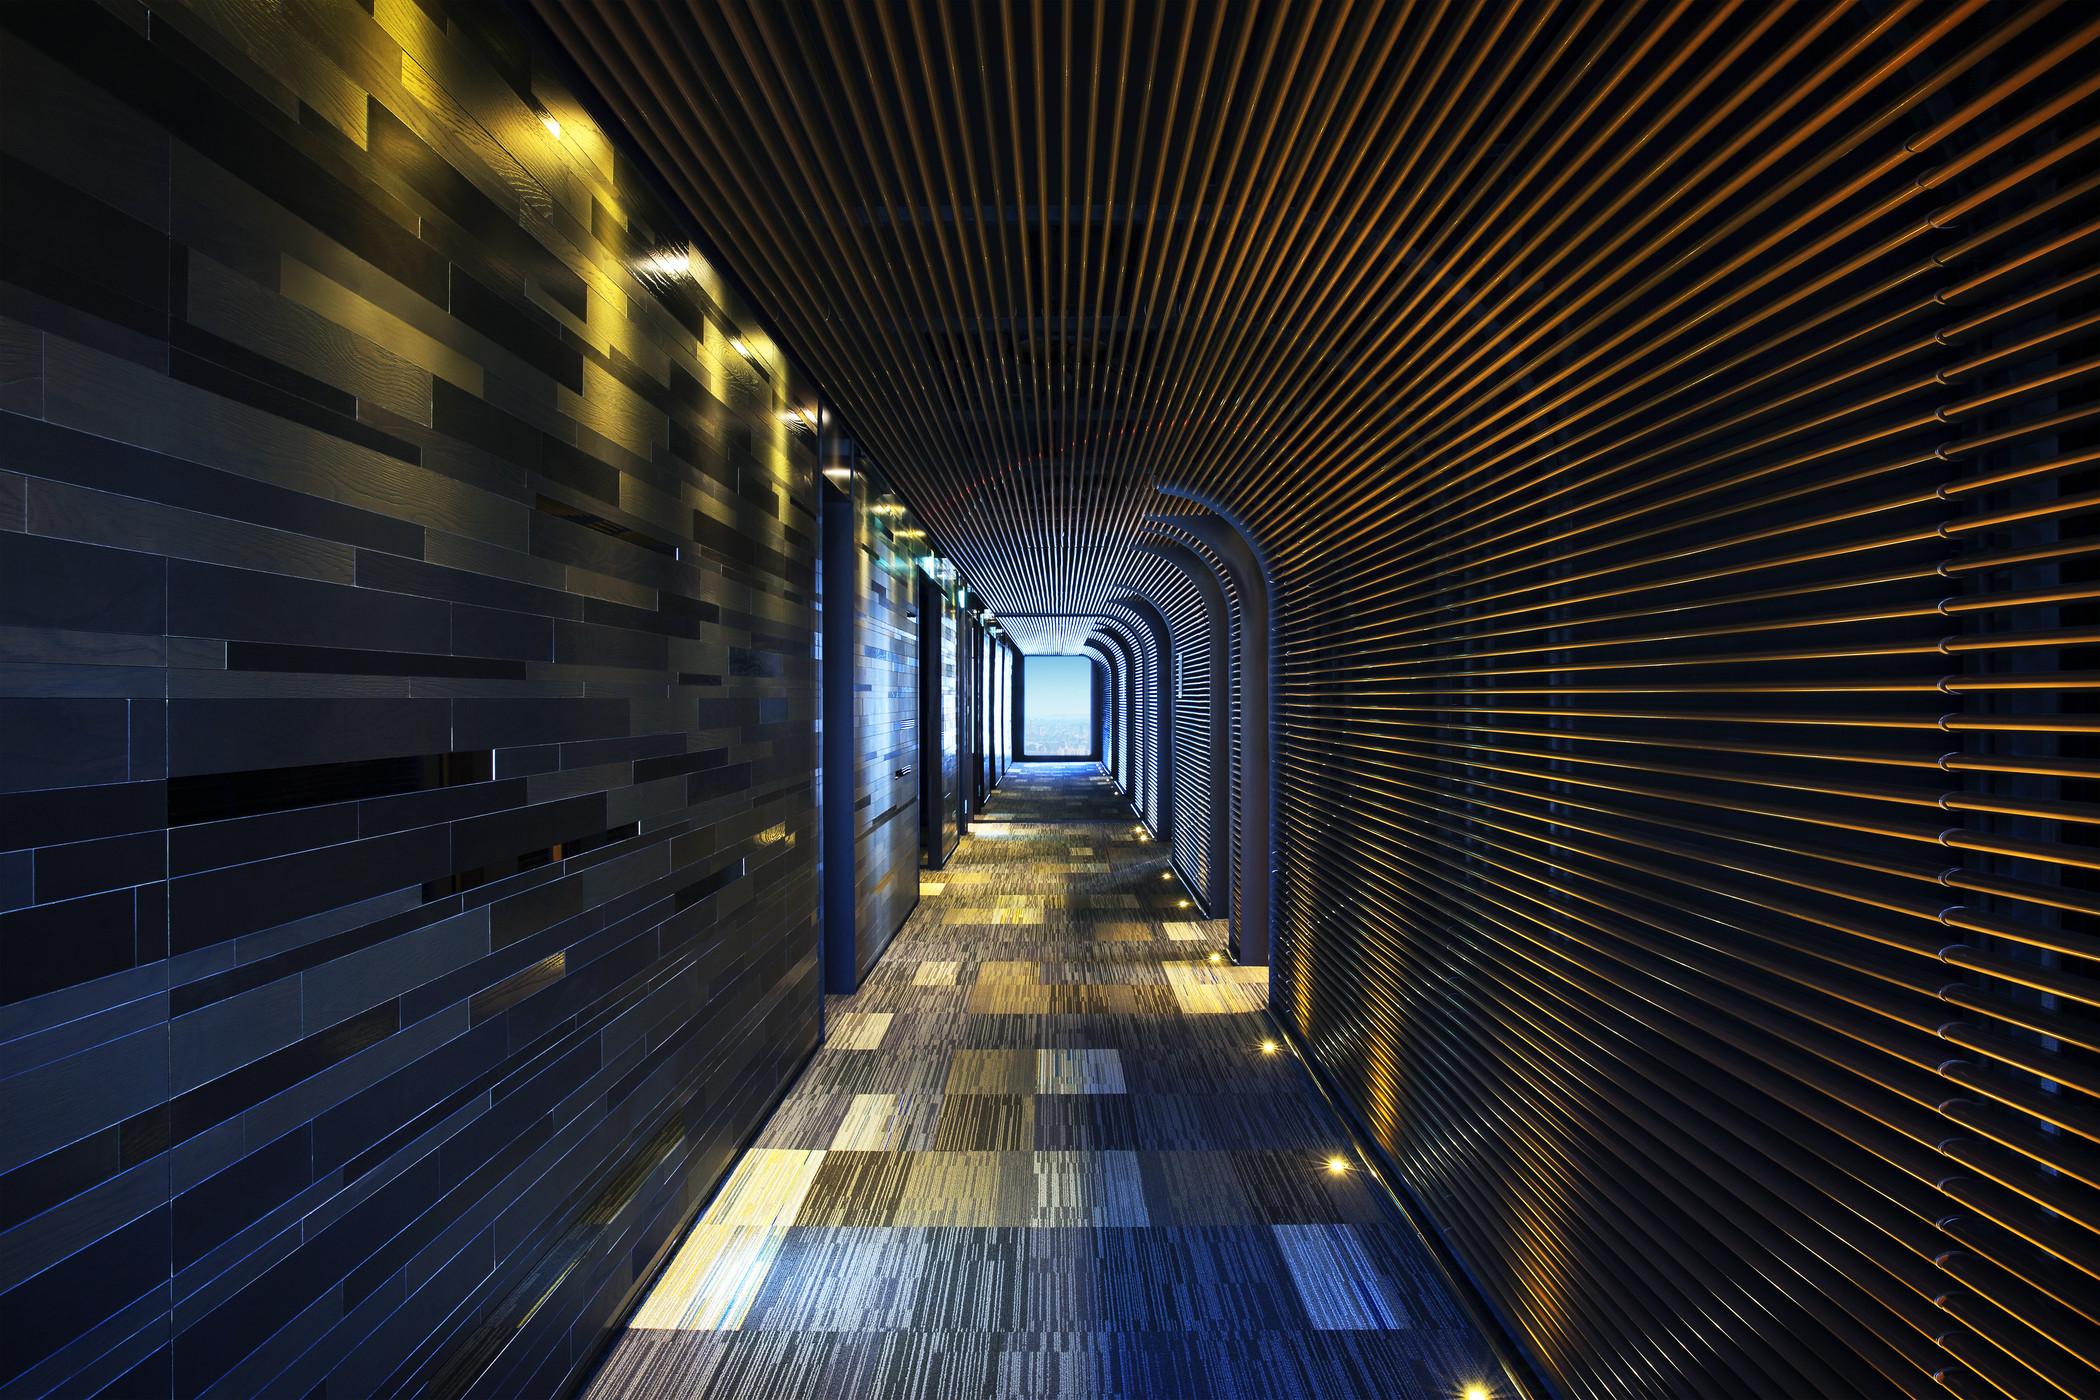 """酒店外观的颜色以浅灰和深灰为主以不规则条框拼凑组合,窗子也呈现出大小不一的形状。在顶层公共空间还有种有一棵茂盛的树,台北中山雅乐轩酒店外观与公共空间设计出自于李天铎鬼才设计师之手,设计灵感源自台湾宝岛最珍贵的自然景观""""山与水""""衍生而来,独特且跳脱建筑常规的外观造型矗立于文化气息浓厚的中山区中极为抢眼,完美诠释李天铎的又一惊艳作品。"""